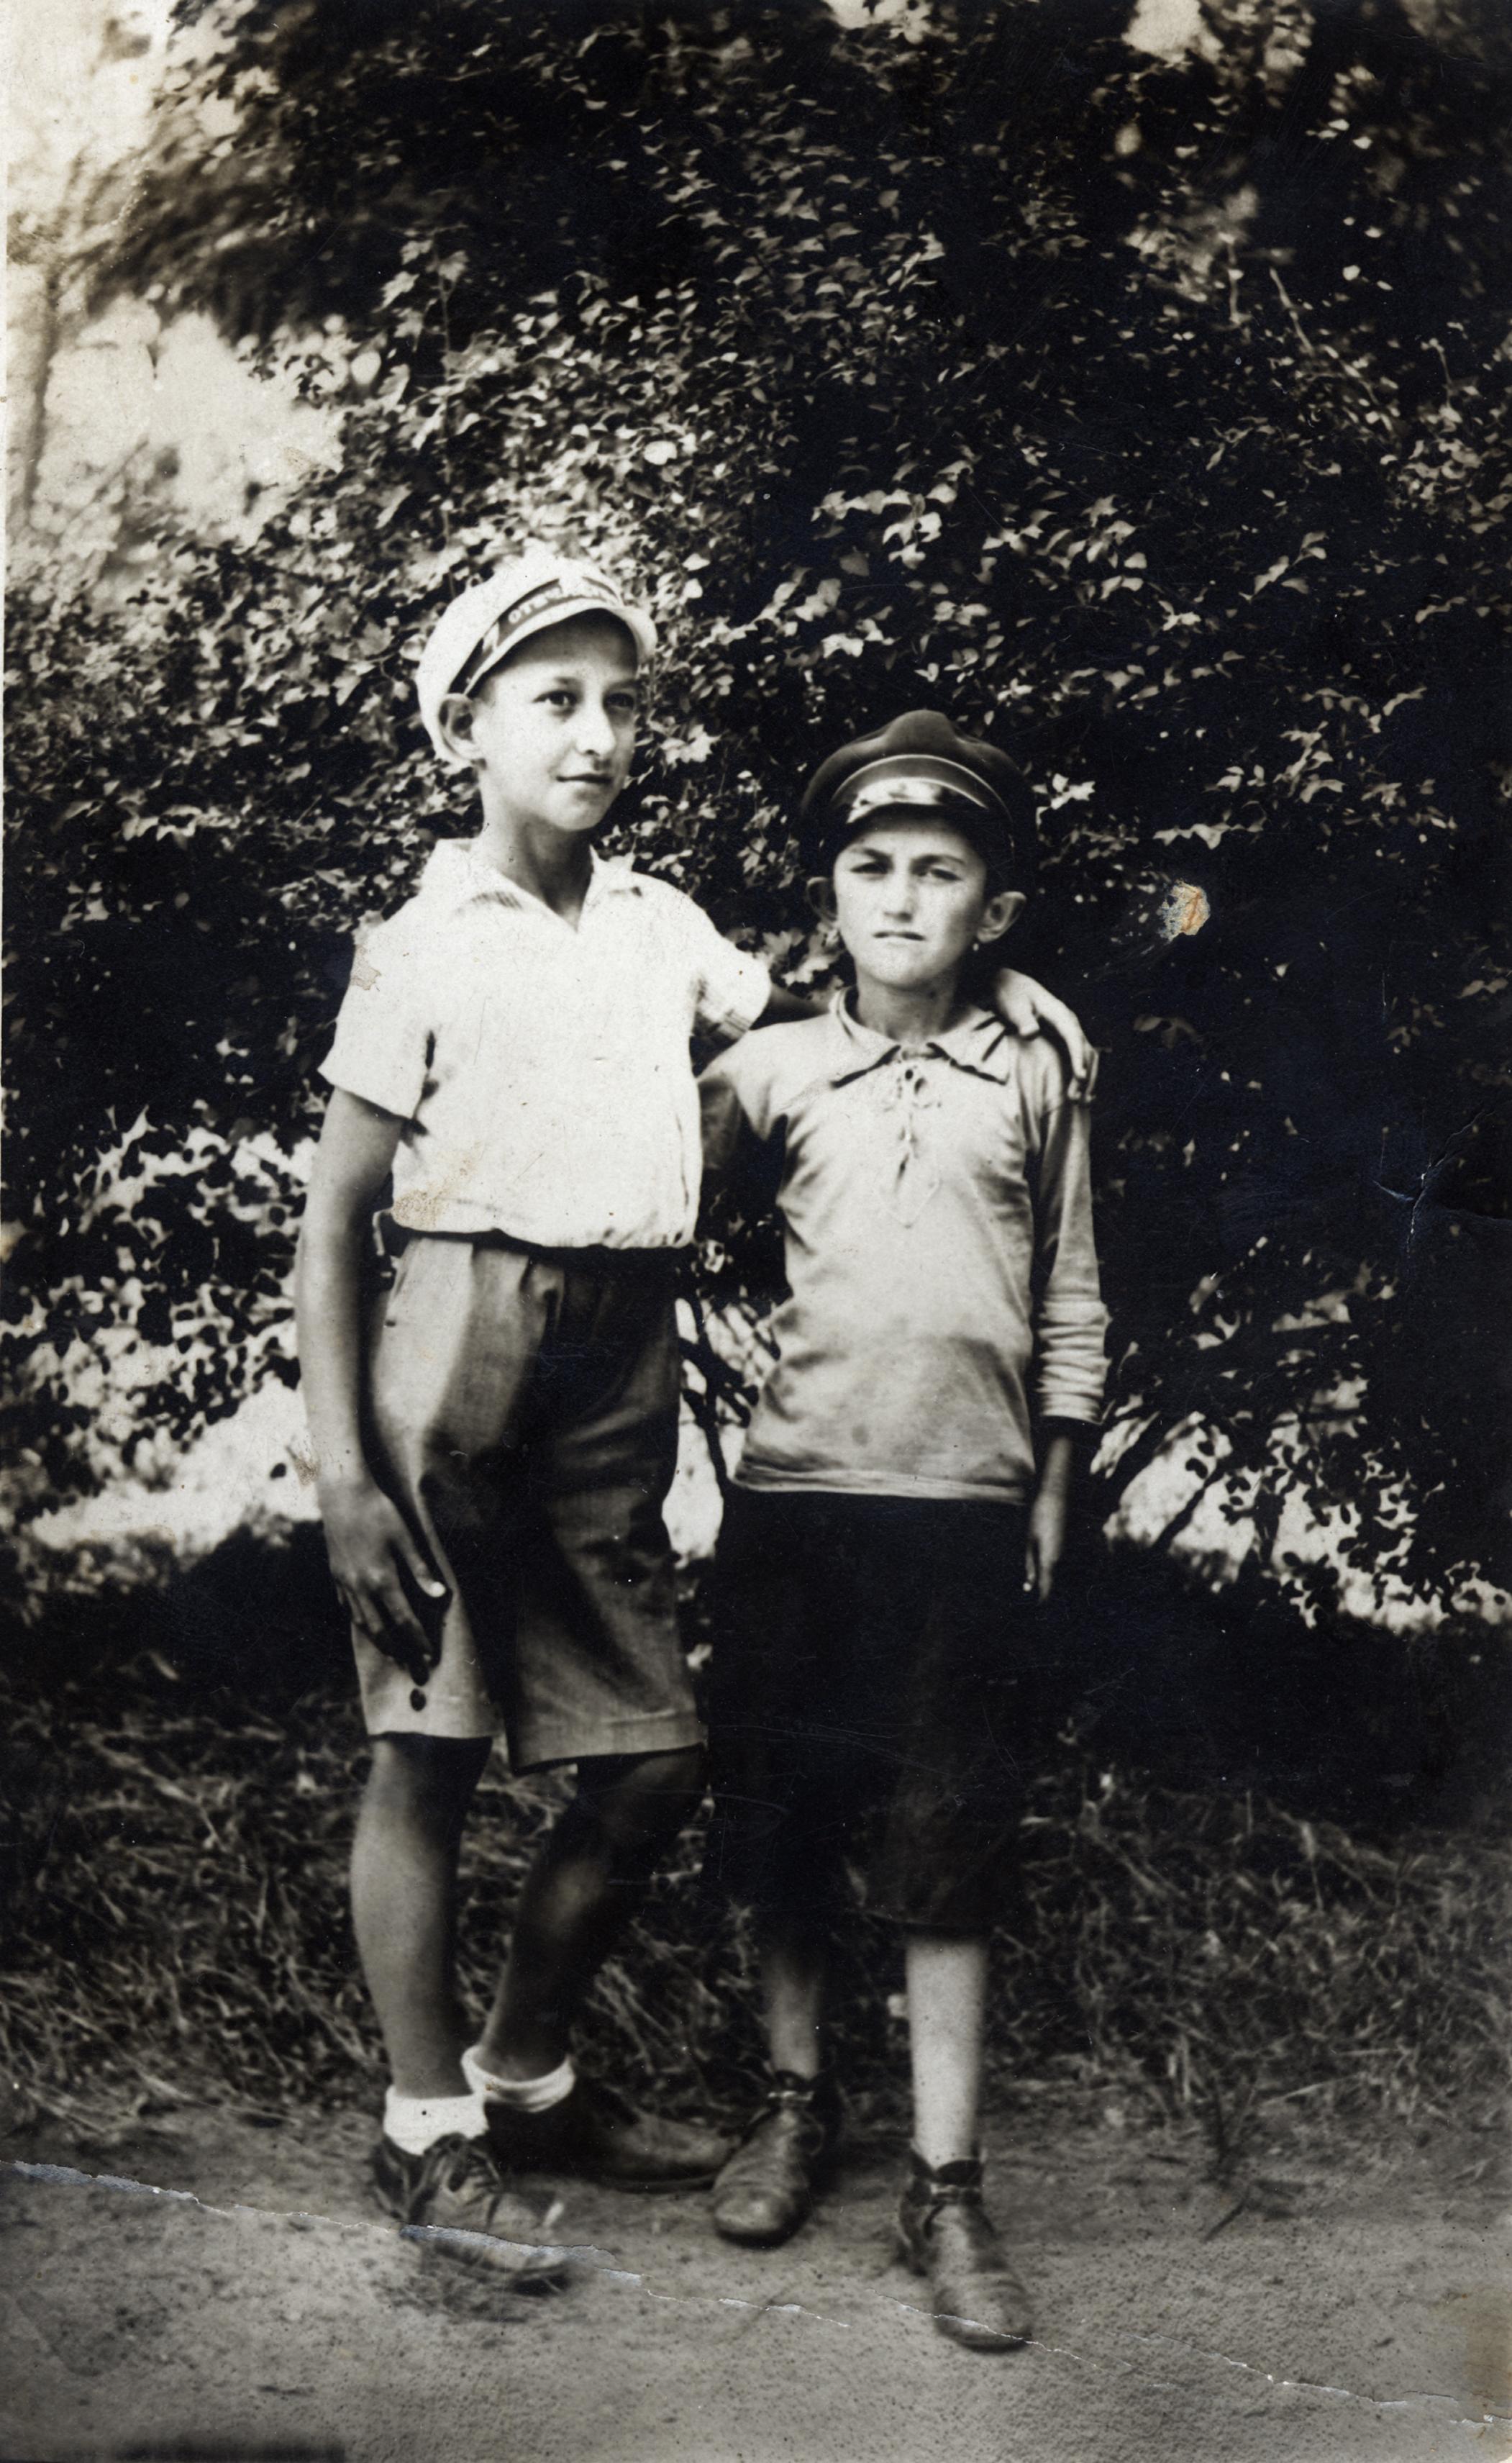 Leon Anzhel with Vulchan Vulchanov